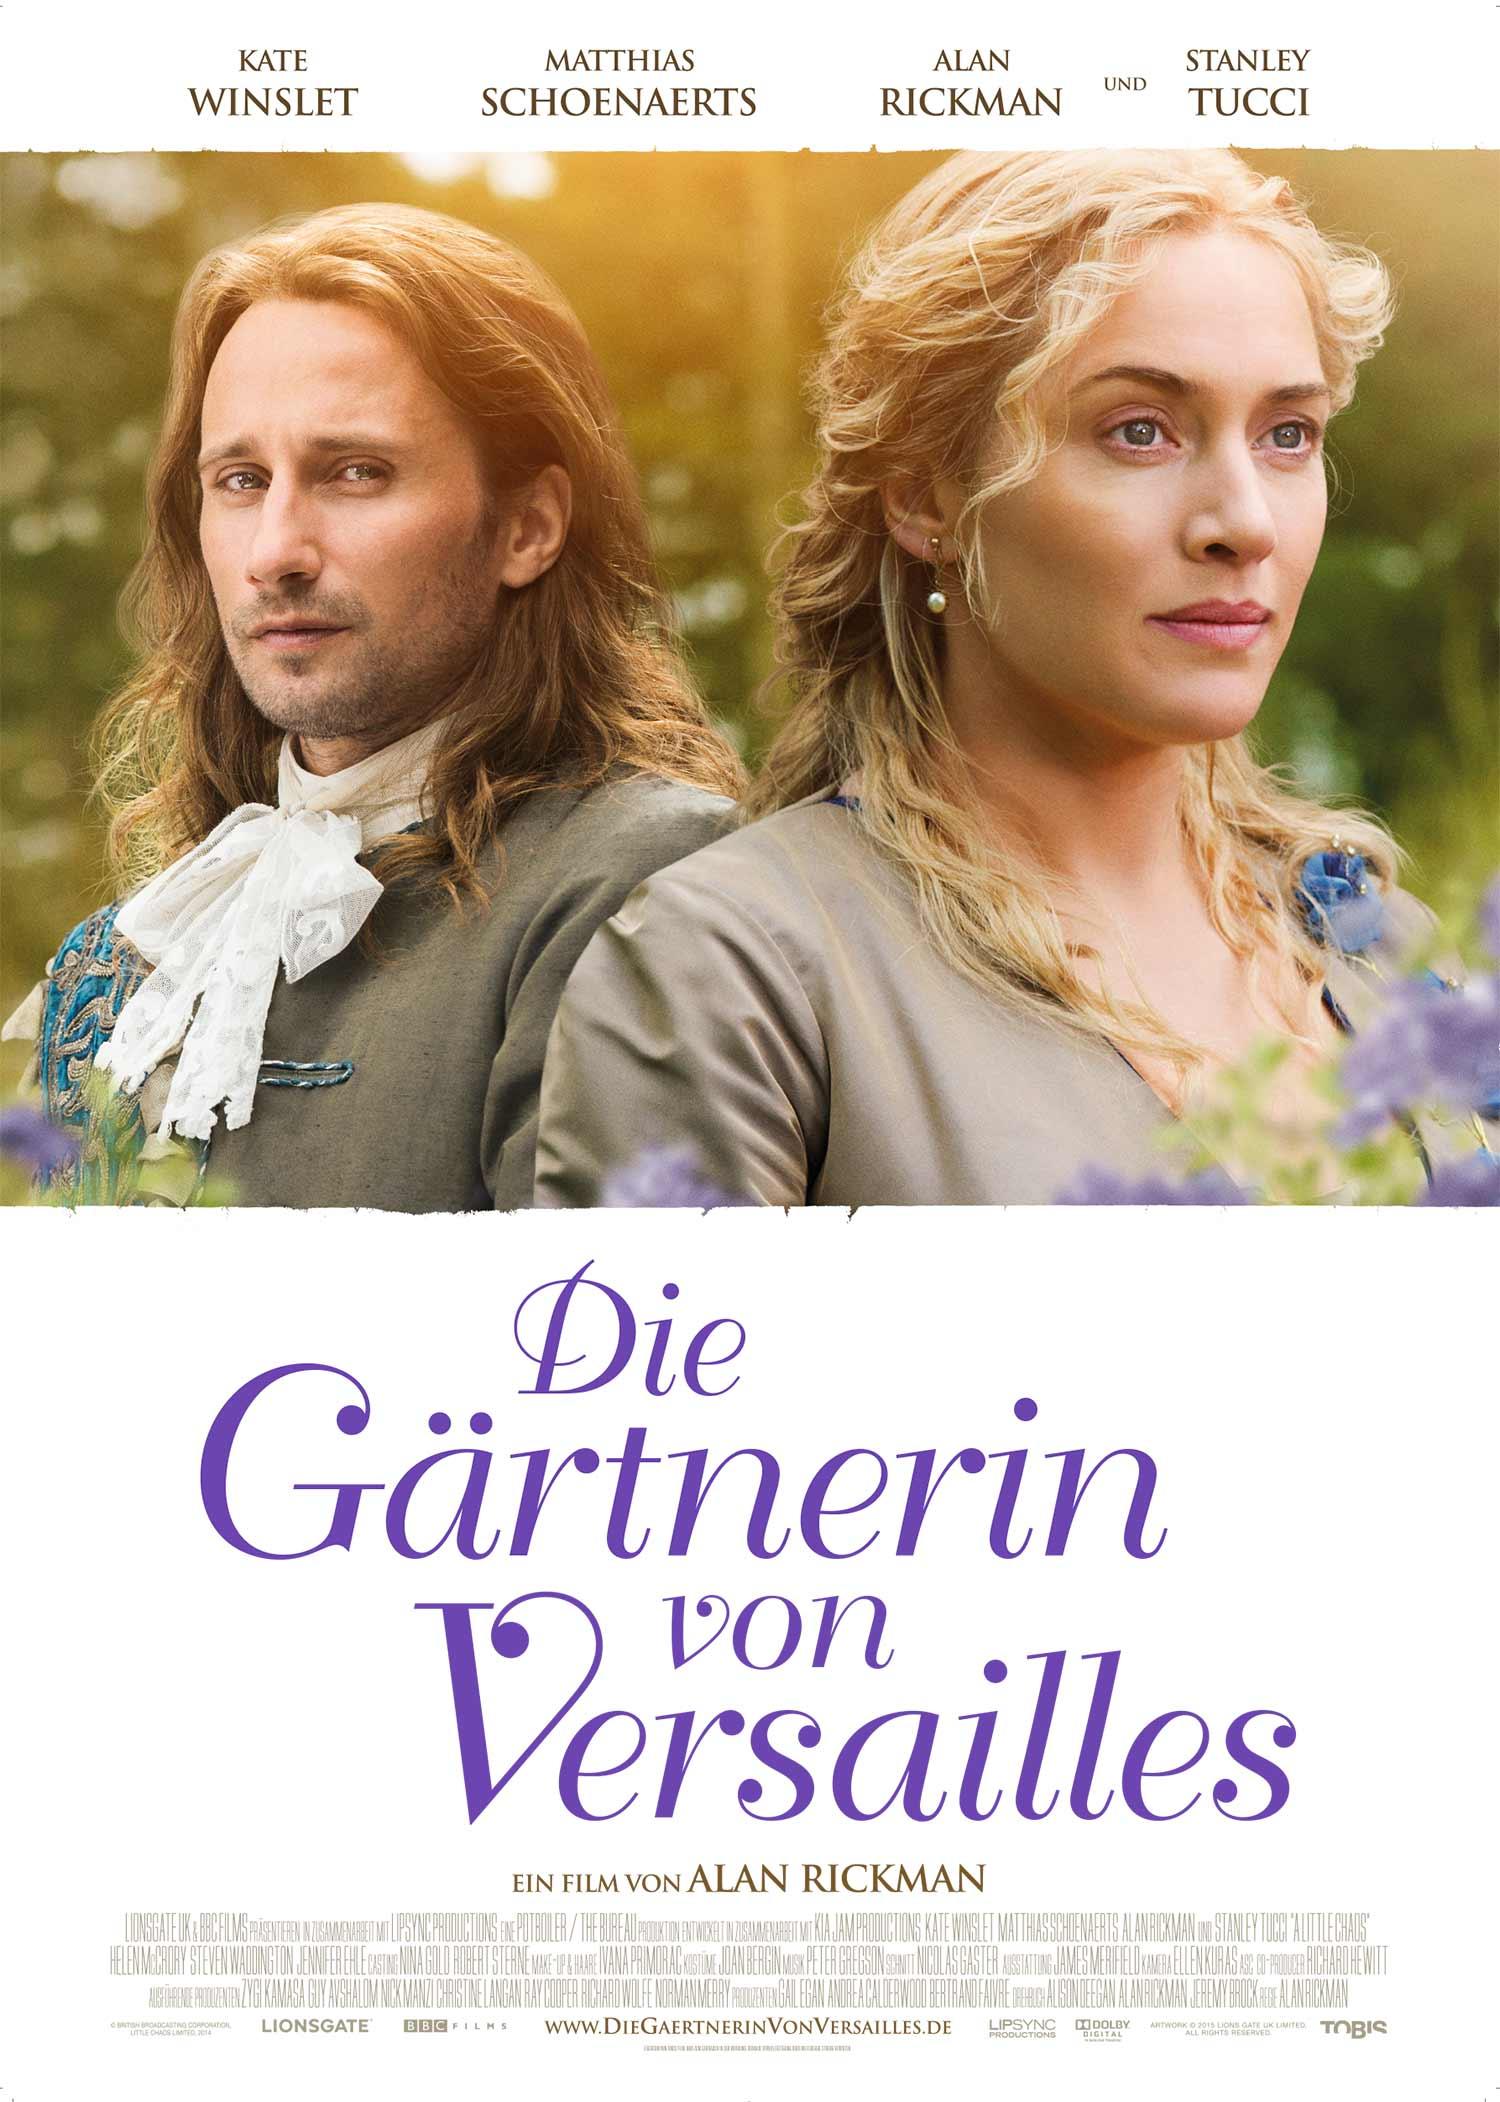 """Tobis<a href=""""/die-gaertnerin-von-versailles"""">→</a><strong>Adaption</strong>"""